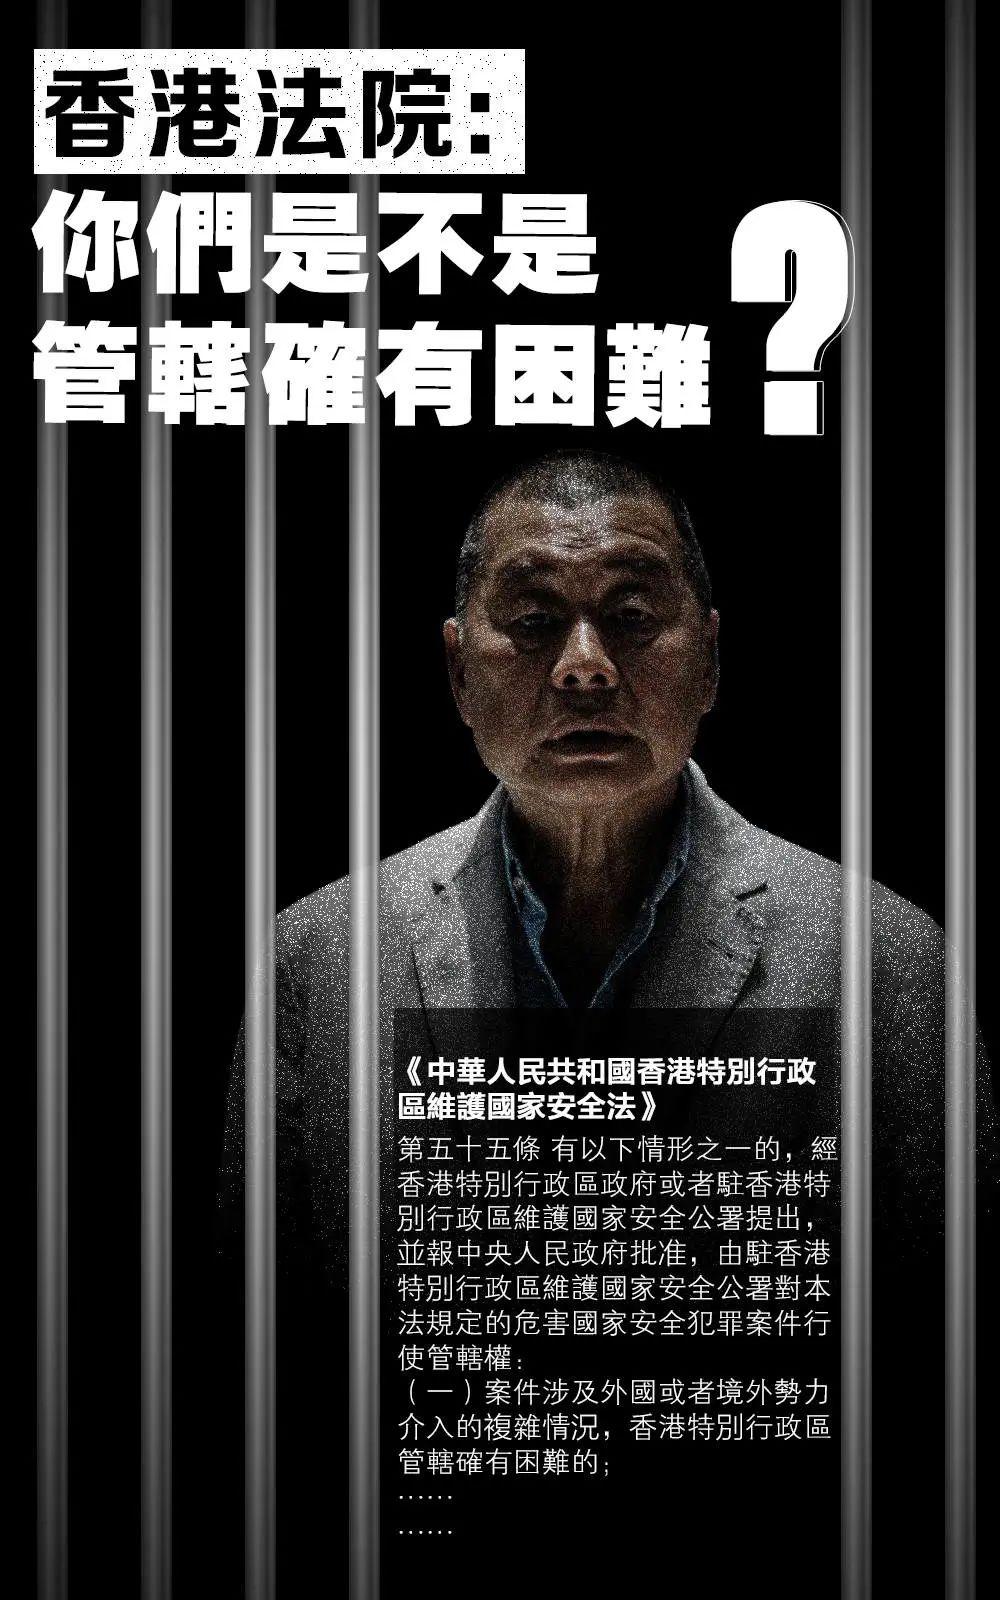 人民锐评:香港法院,你们是不是管辖确有困难